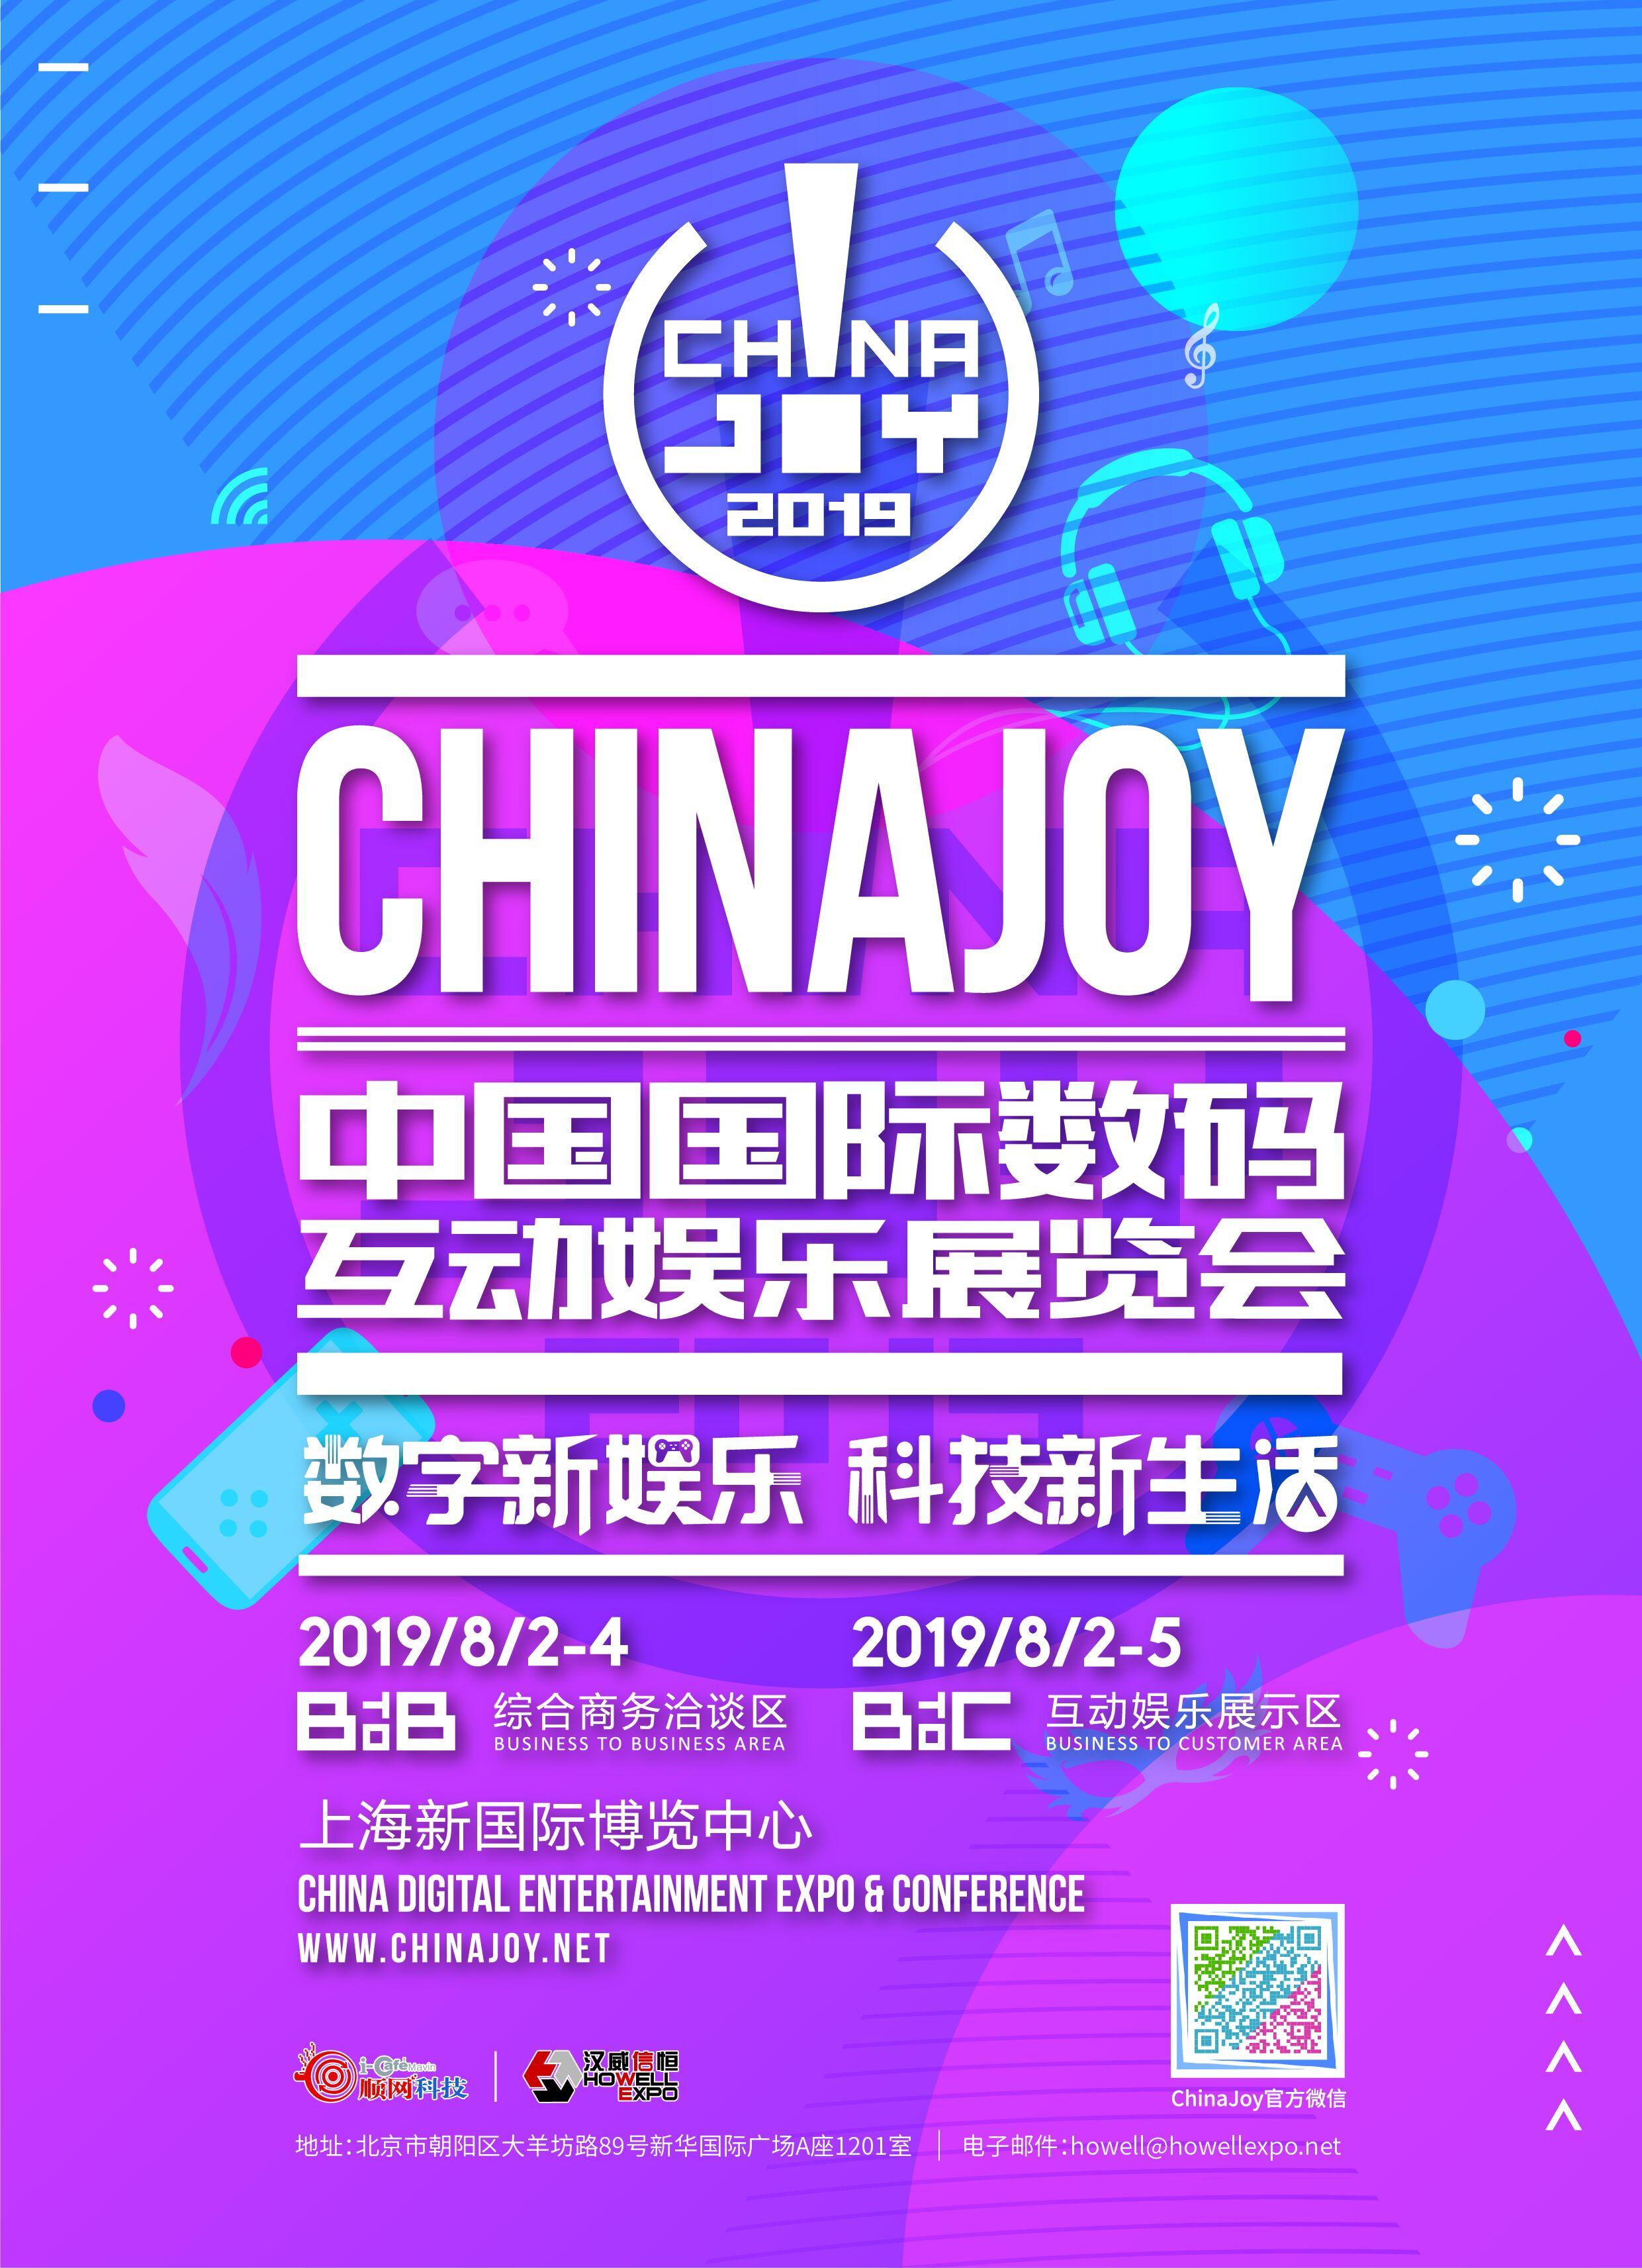 电竞手机霸再燃激情,ROG确认参展2019ChinaJoyBTOC!